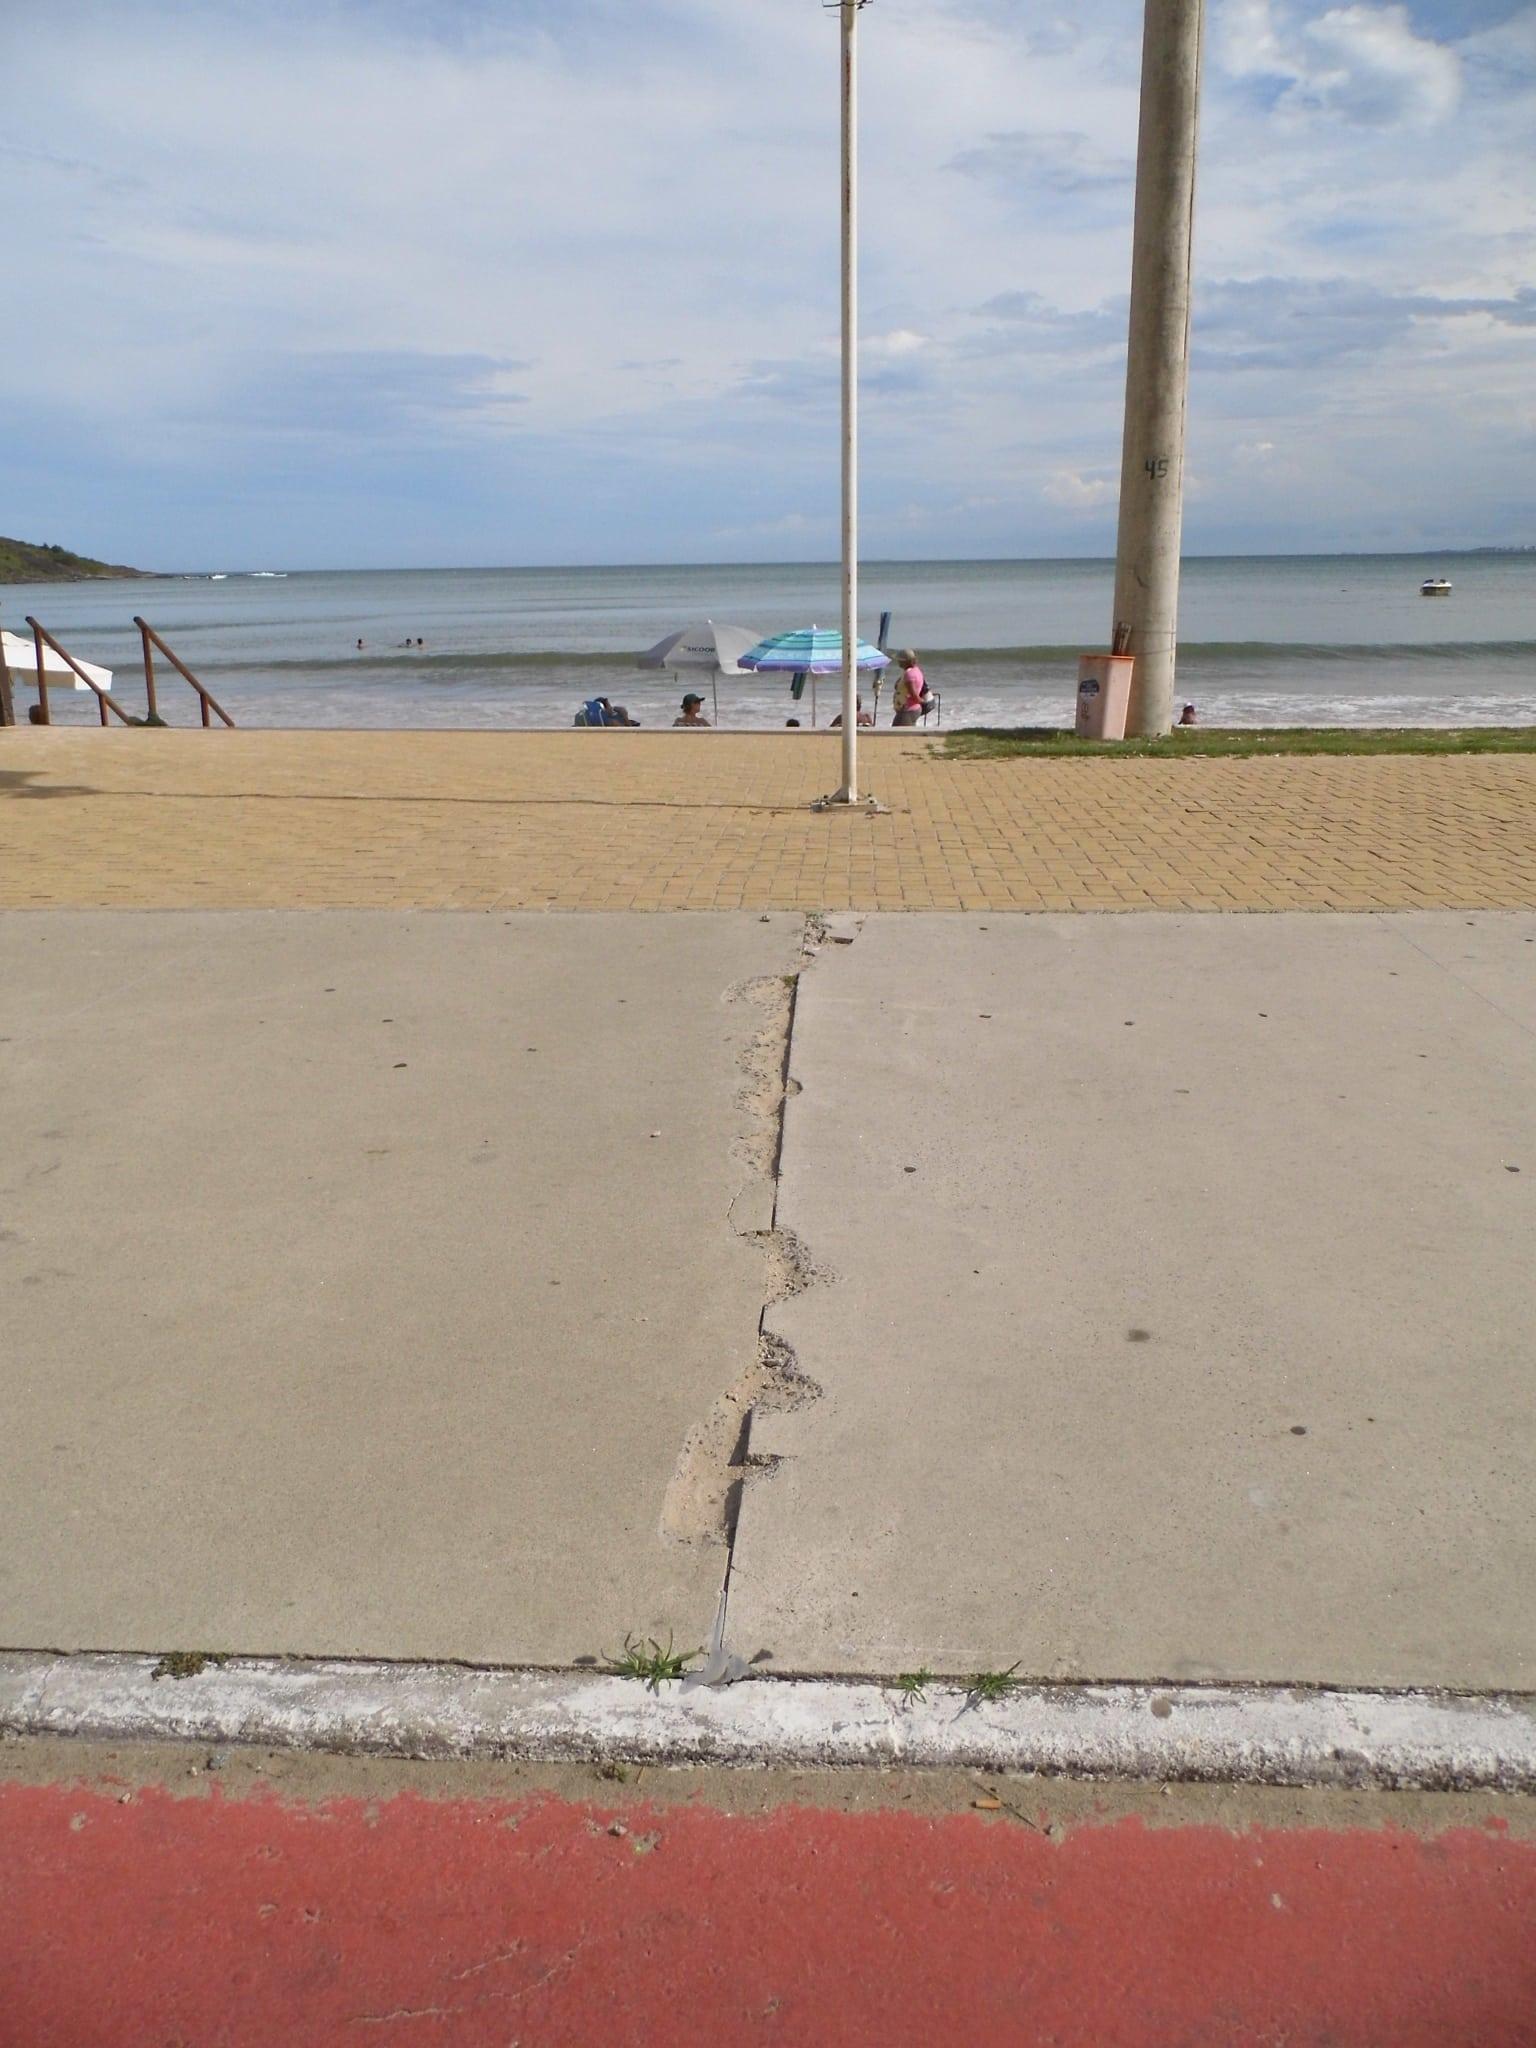 Os buracos e rachaduras estão em toda a extensão da praia. Foto: João Thomazelli/Portal 27